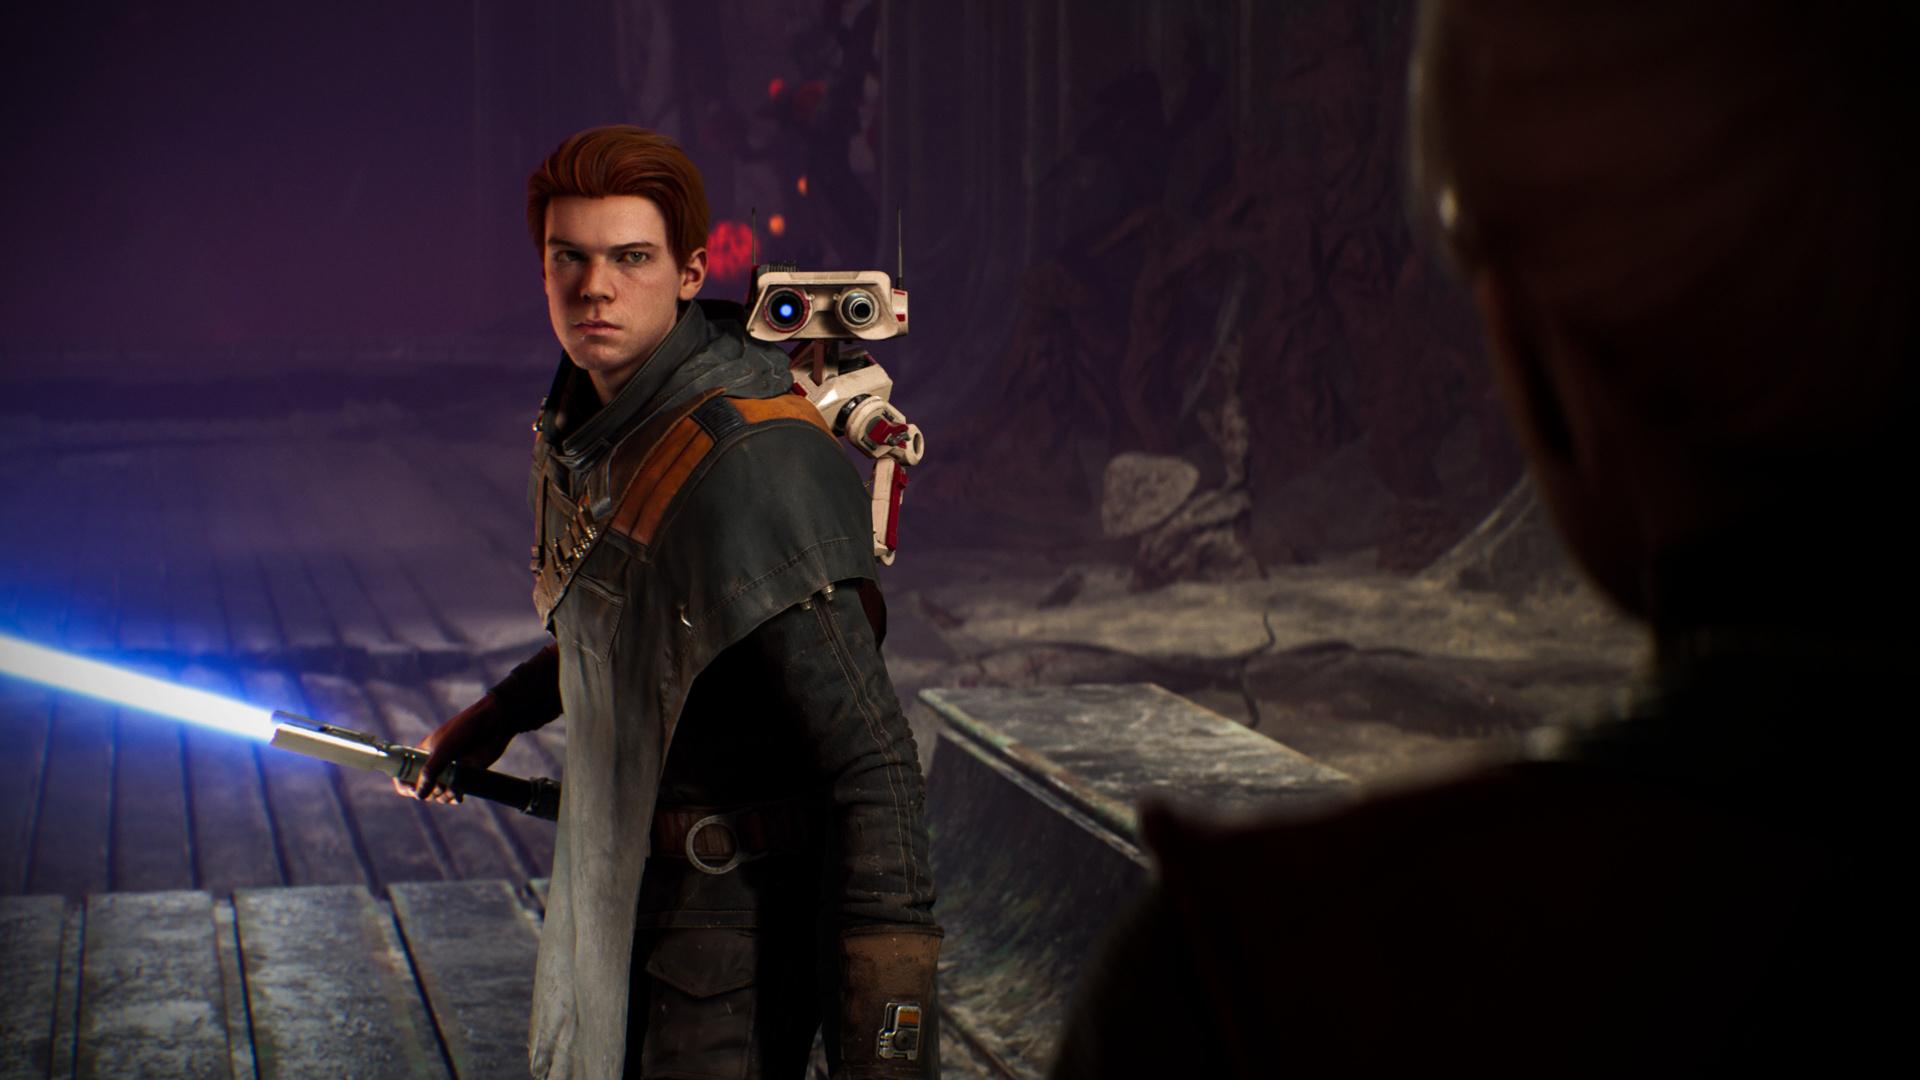 СМИ: Star Wars Jedi Fallen Order выйдет на PlayStation5 уже11 июня